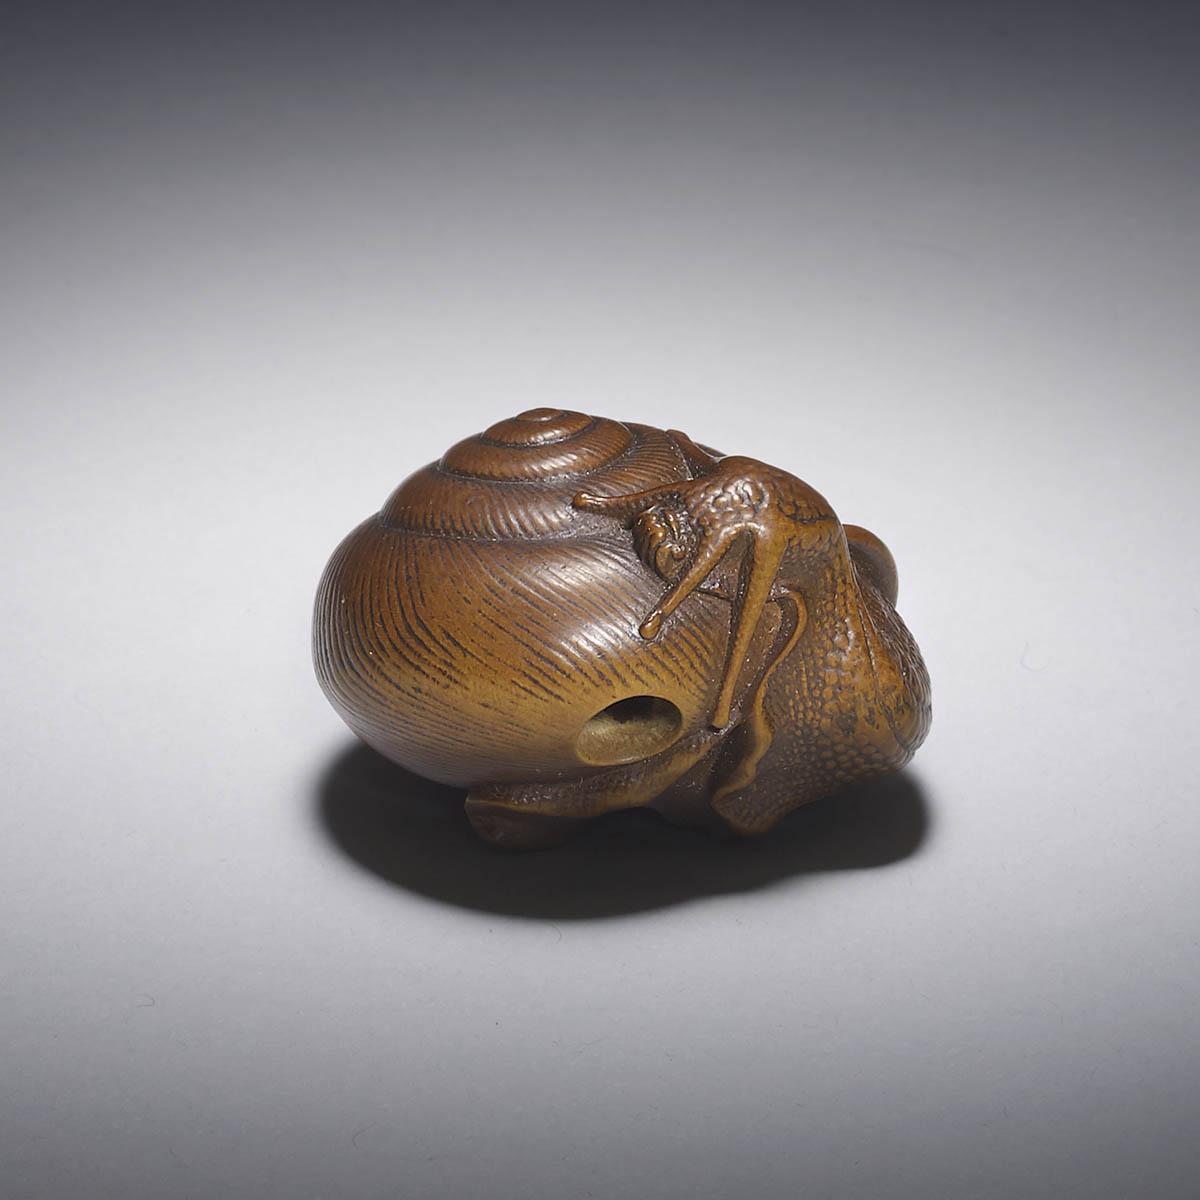 Naito Toyomasa, Boxwood netsuke of a snail